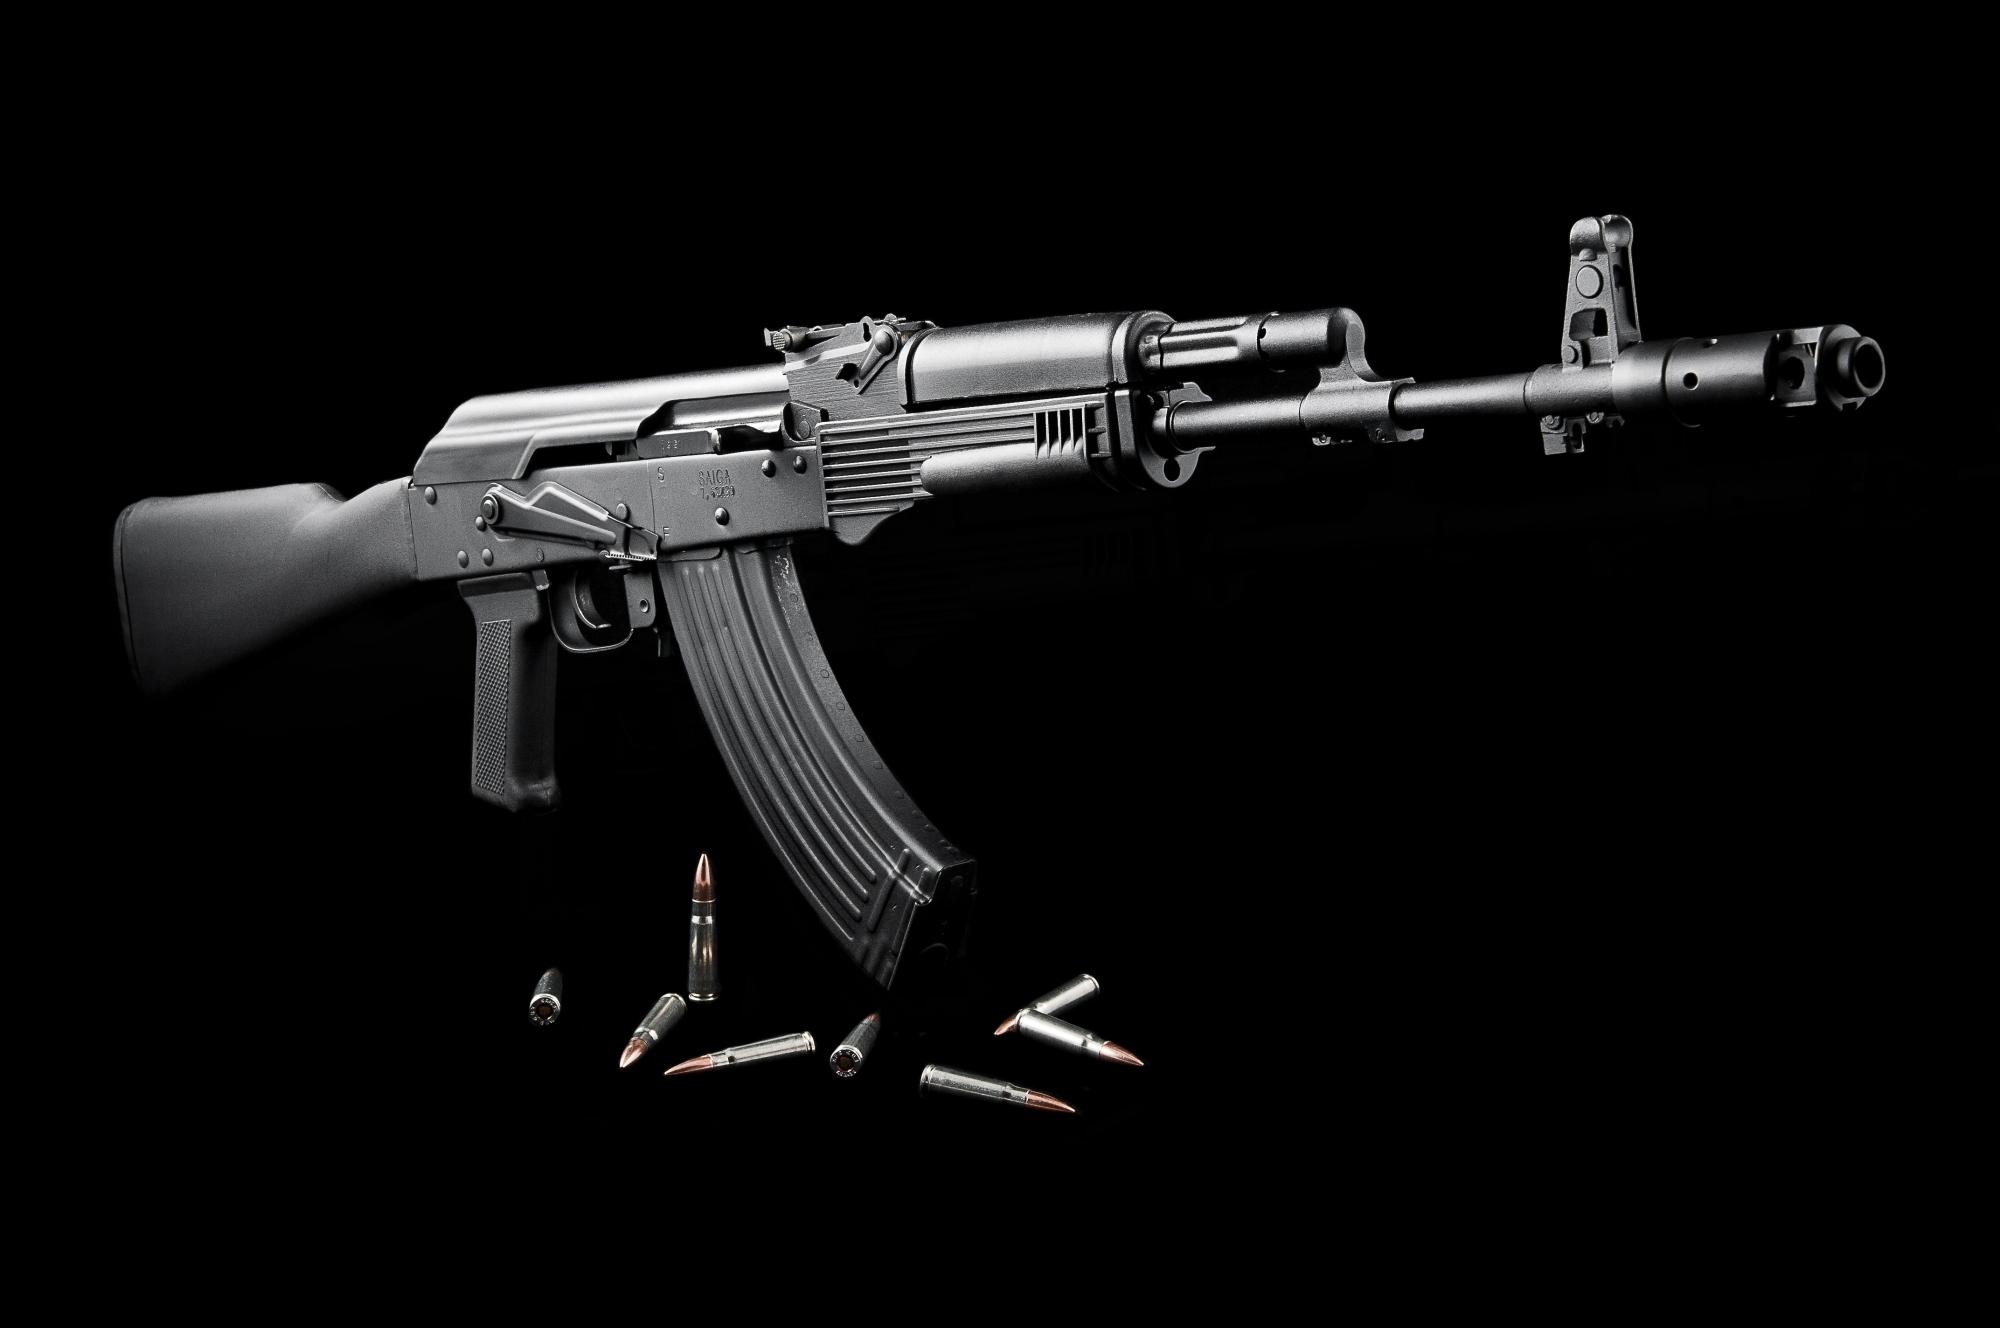 Masaüstü Siyah Silah Siyah Arka Plan Mühimmat Saldırı Tüfeği